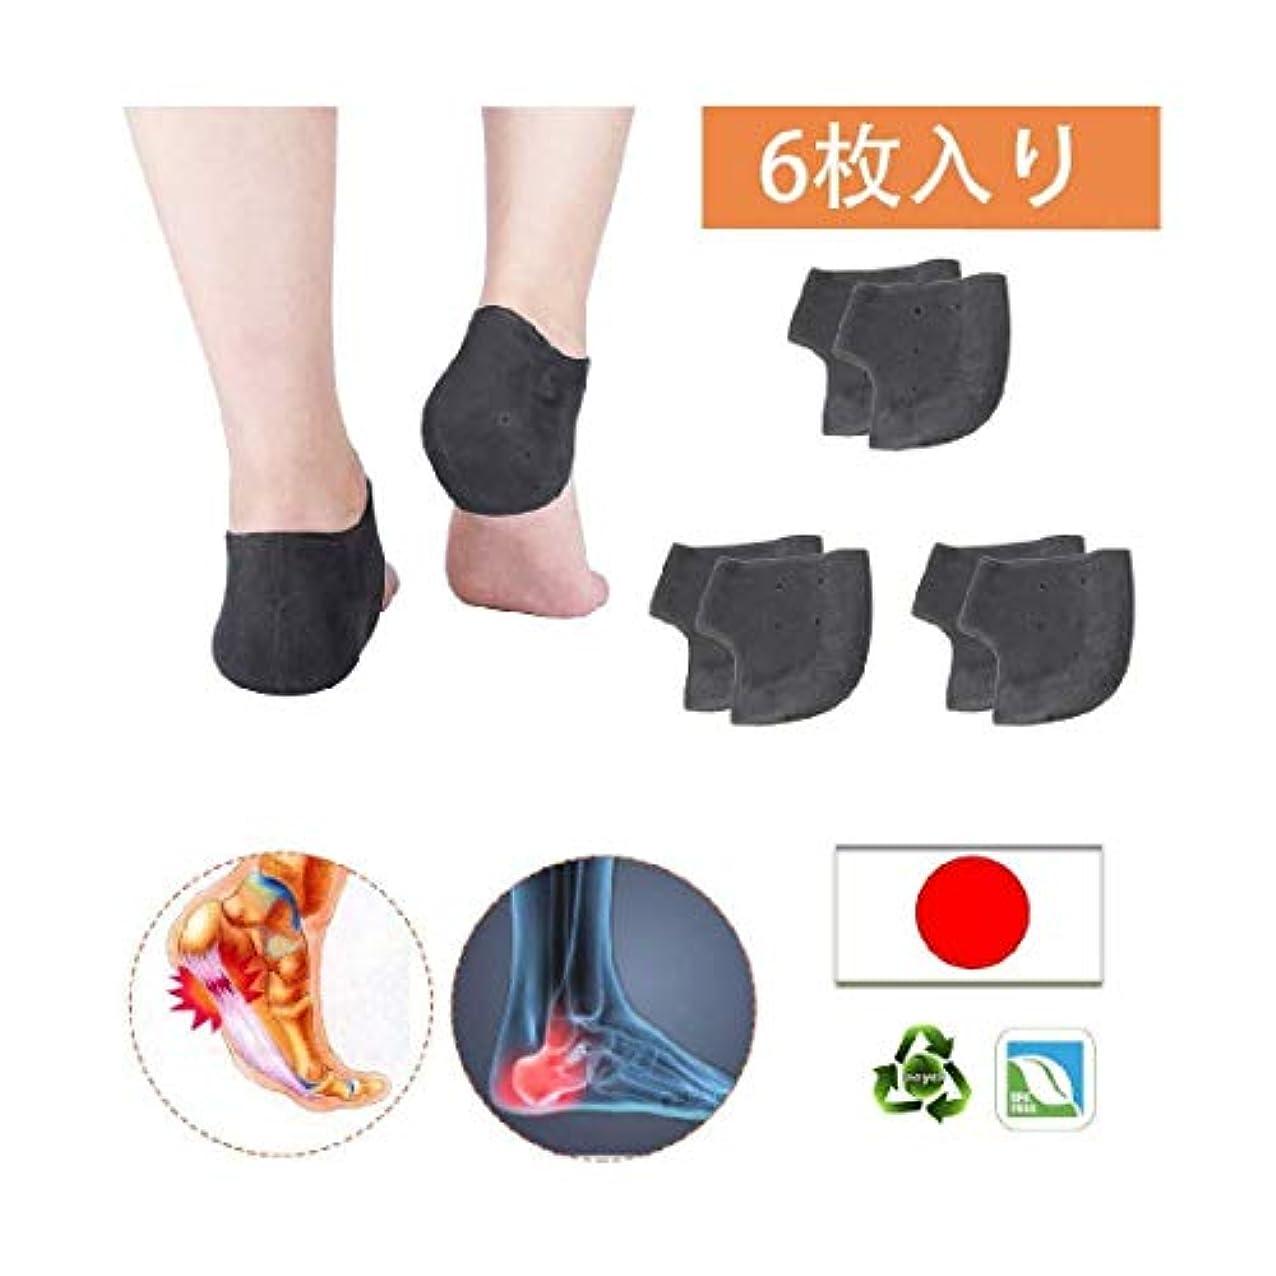 爪意味する心のこもった足用保護パッド かかと保護カバー ヒールカップ足底筋膜炎インサート通気性 シークレットインソール ヒールの痛み緩和 保湿 かかと靴下) 男女兼用